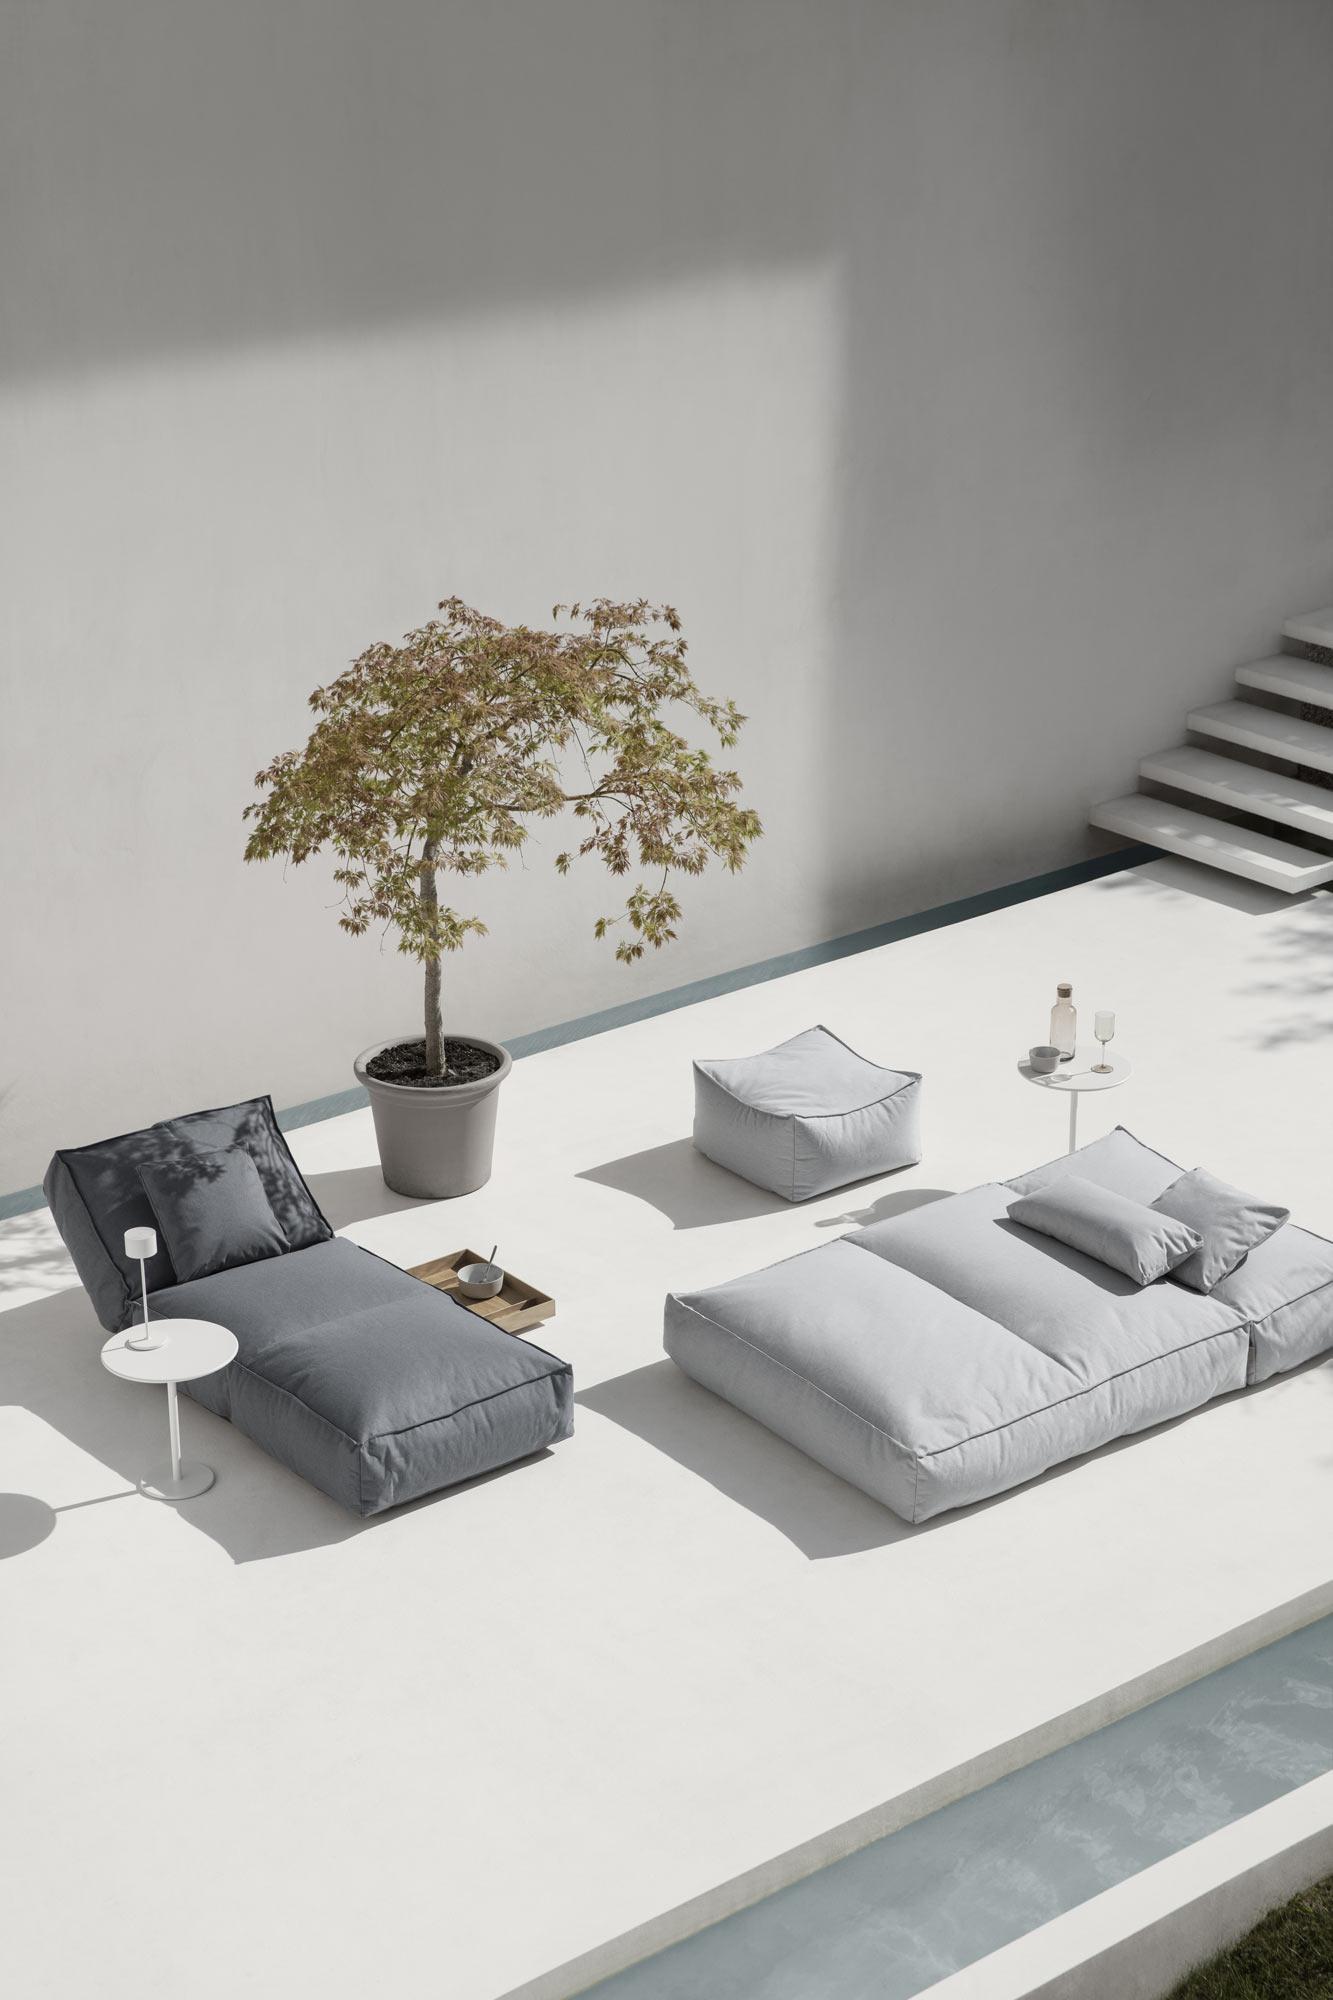 Outdoor-Loungemöbel-Kollektion von Kaschkasch für Blomus